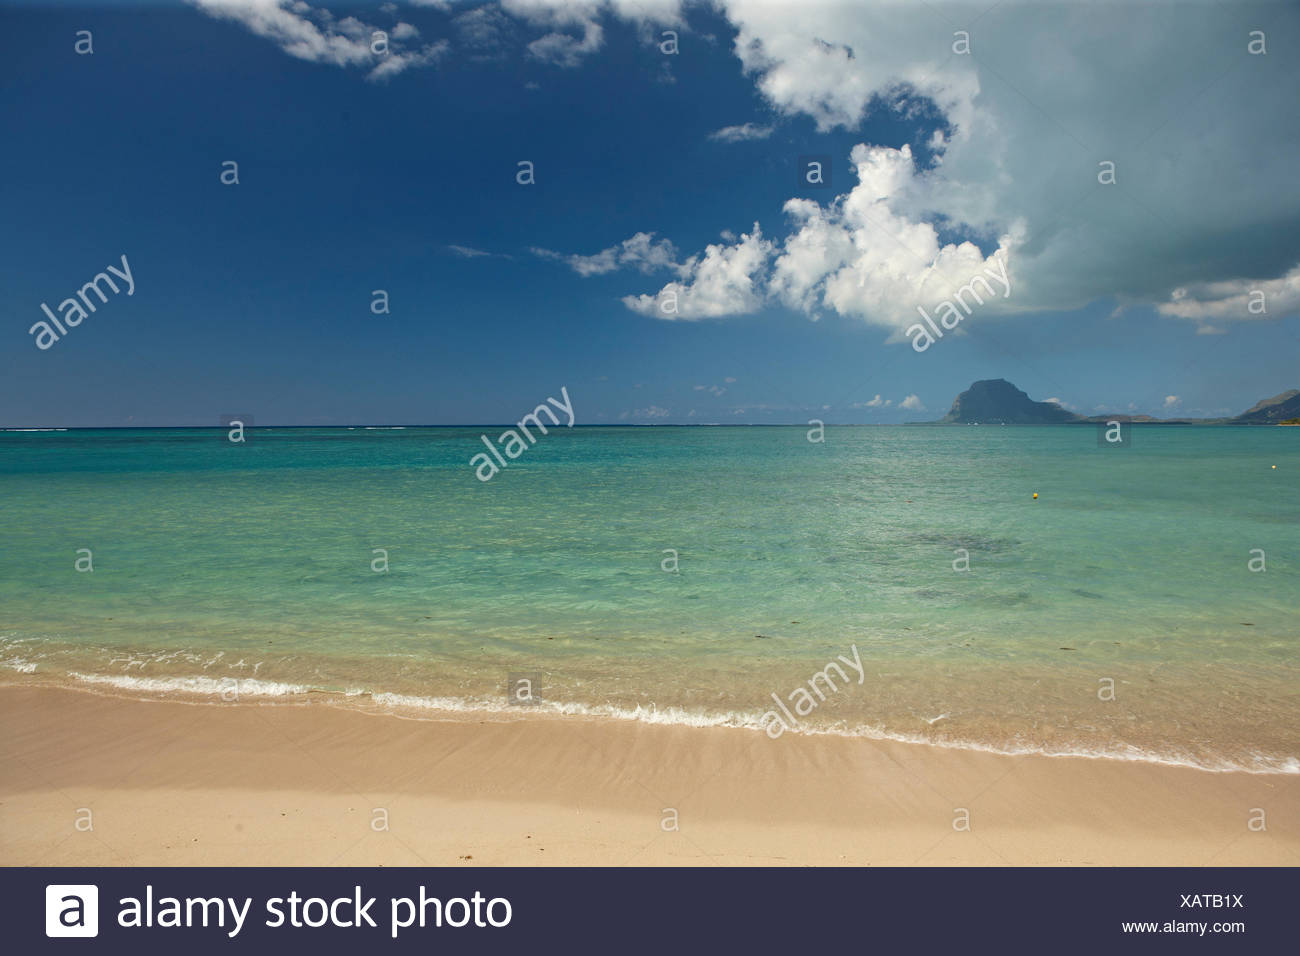 Beach, Tamarin, Mauritius Stock Photo